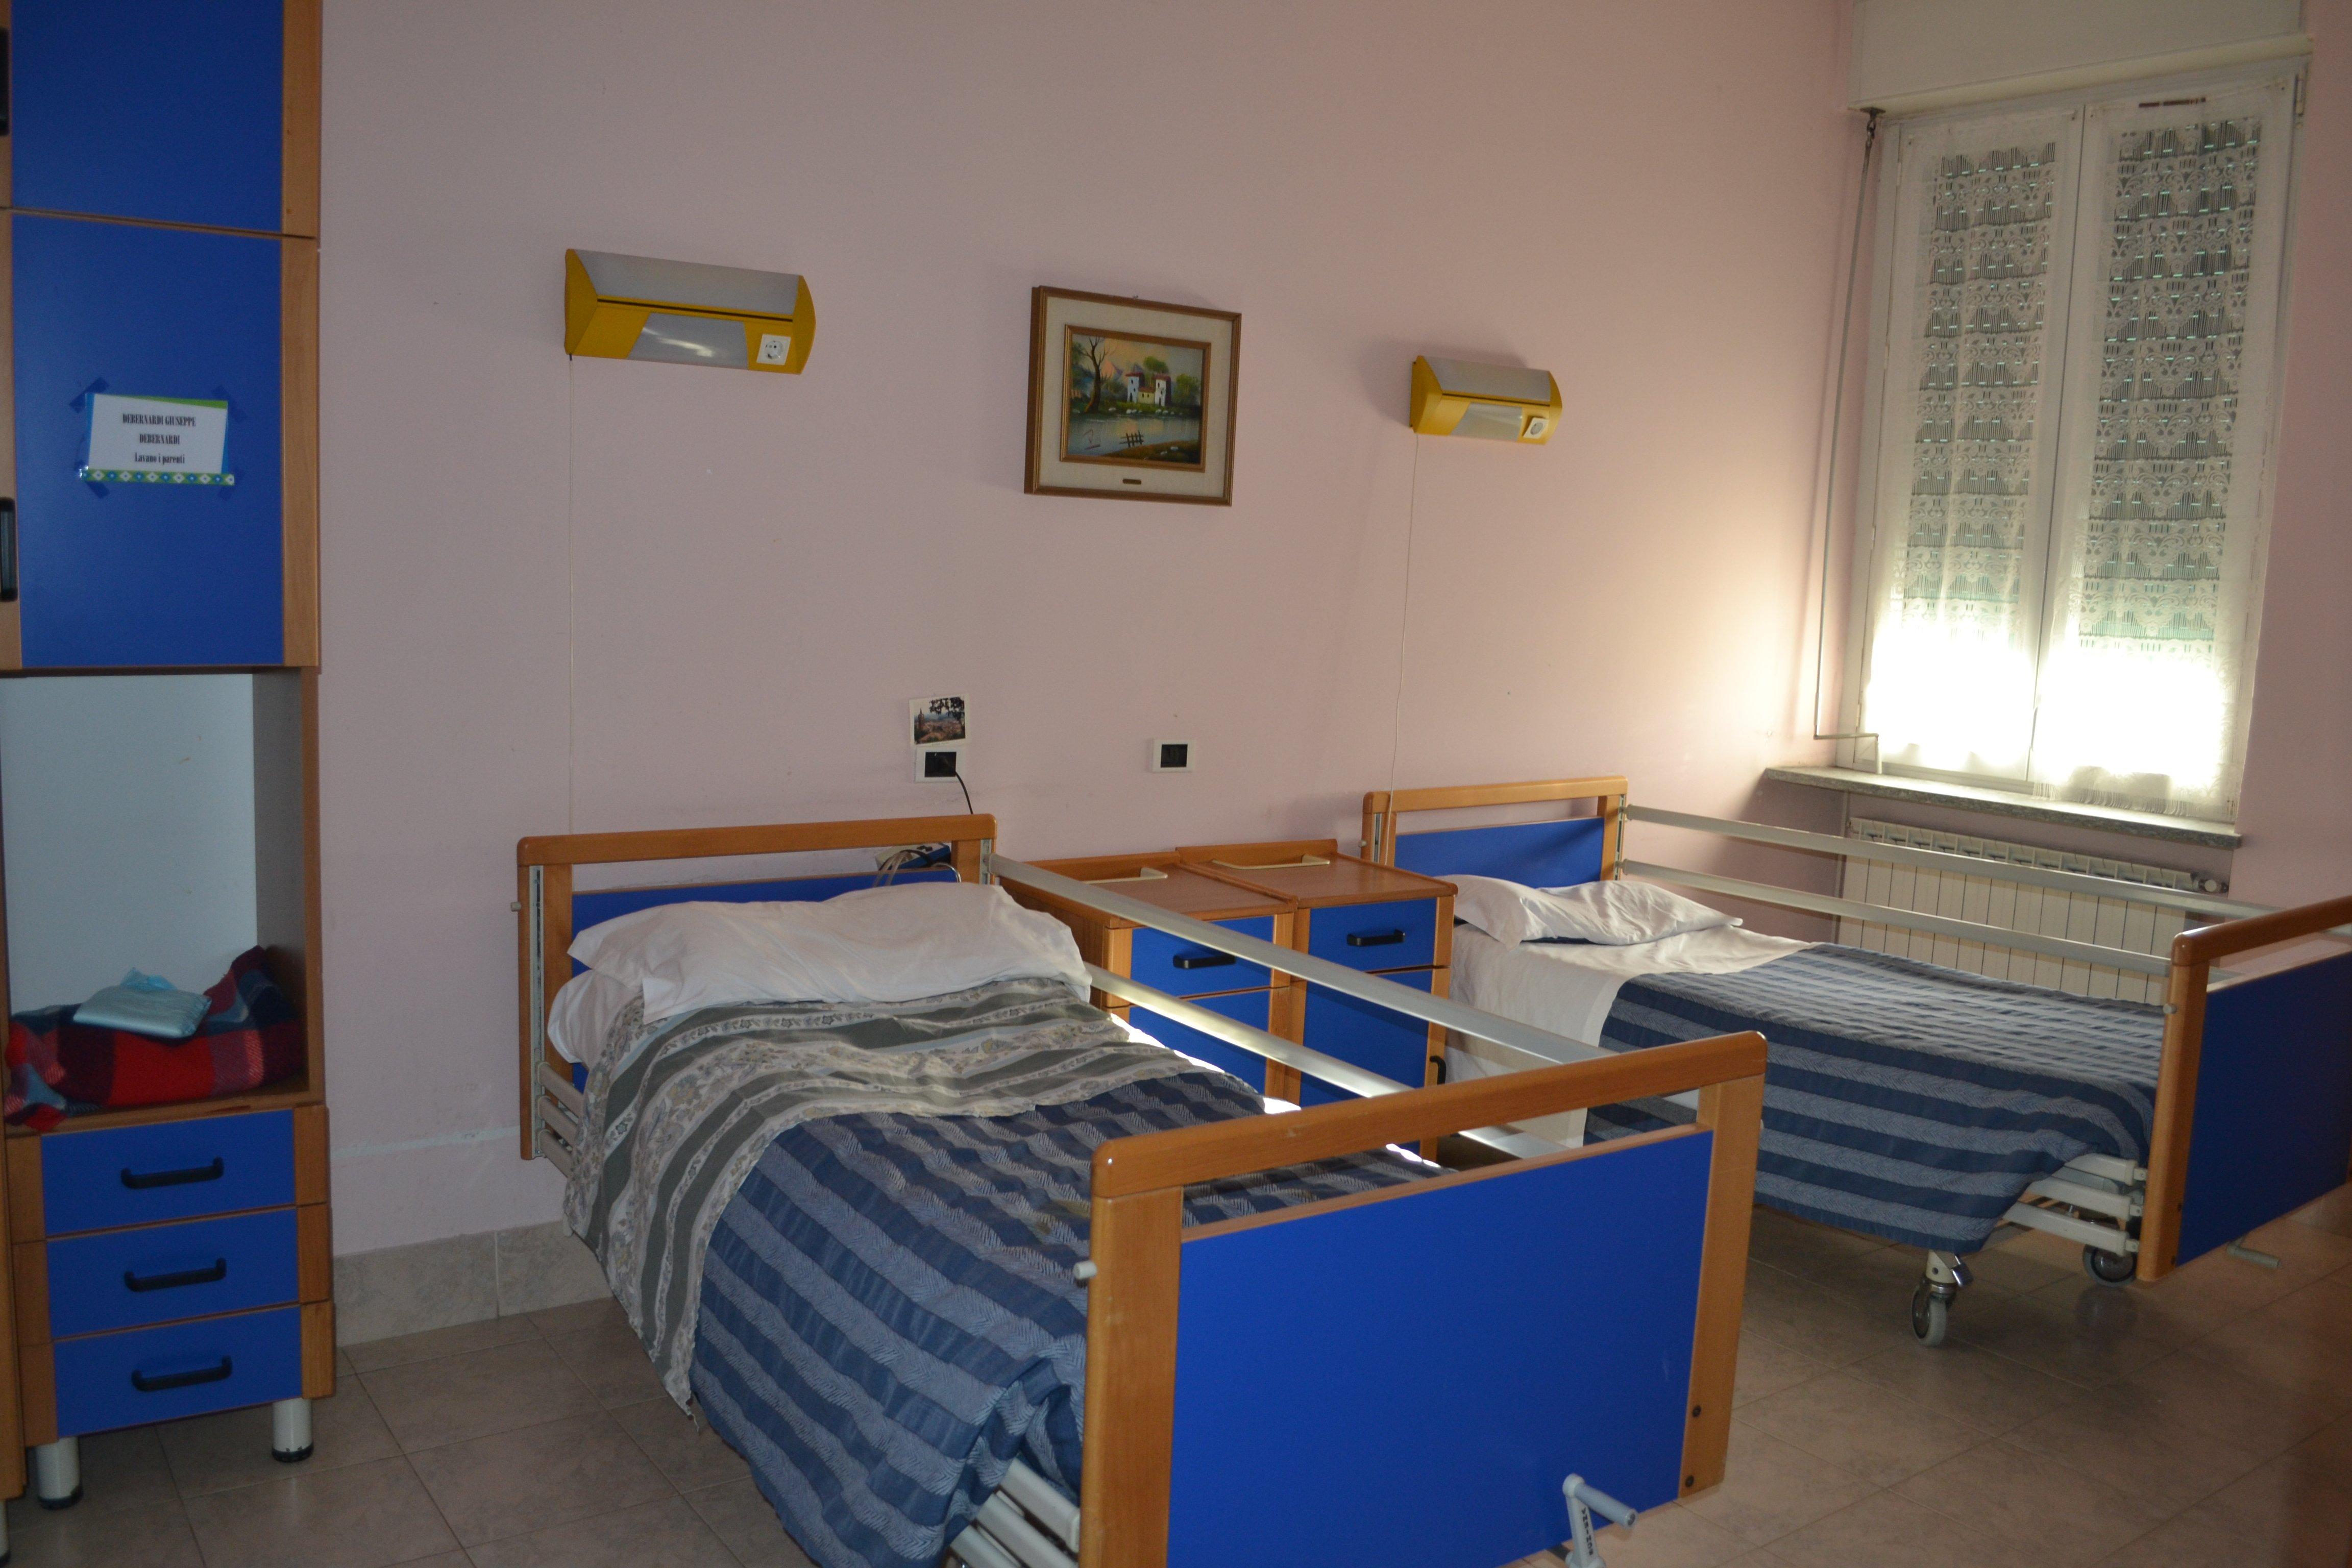 camera con letto e armadio blu